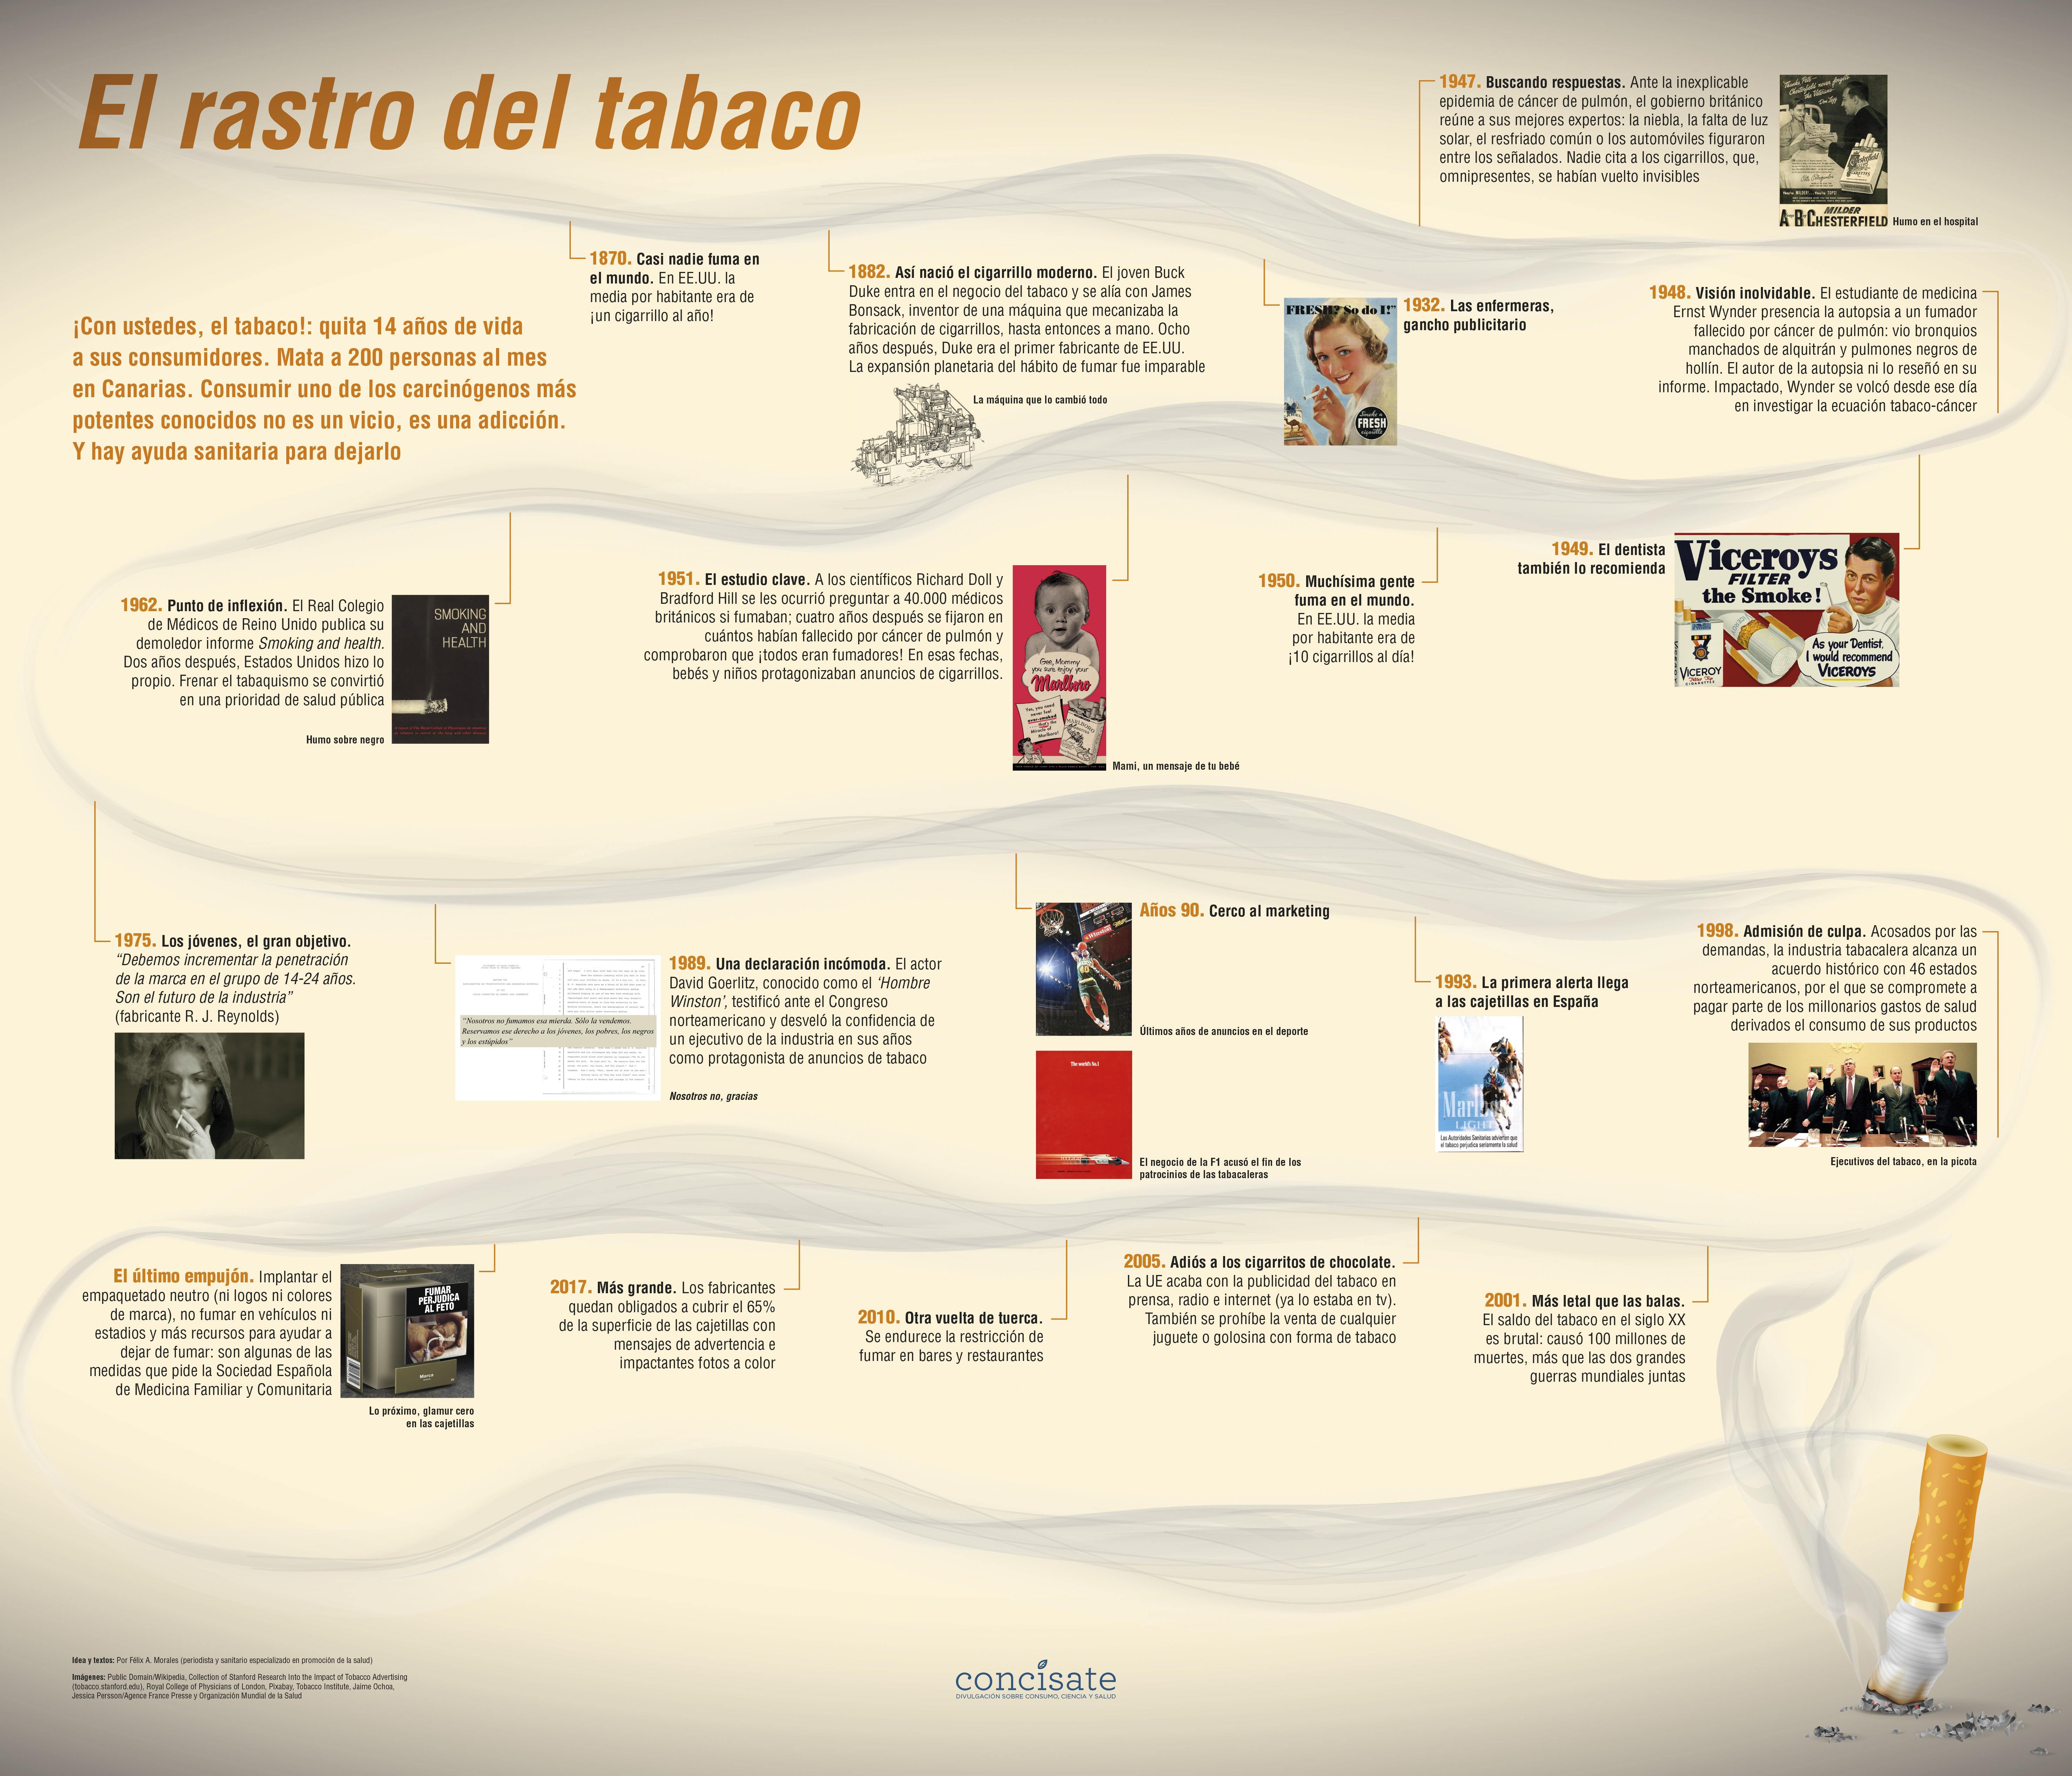 El rastro del tabaco, ciencia, salud y sociedad - Félix A. Morales - Concísate (2)